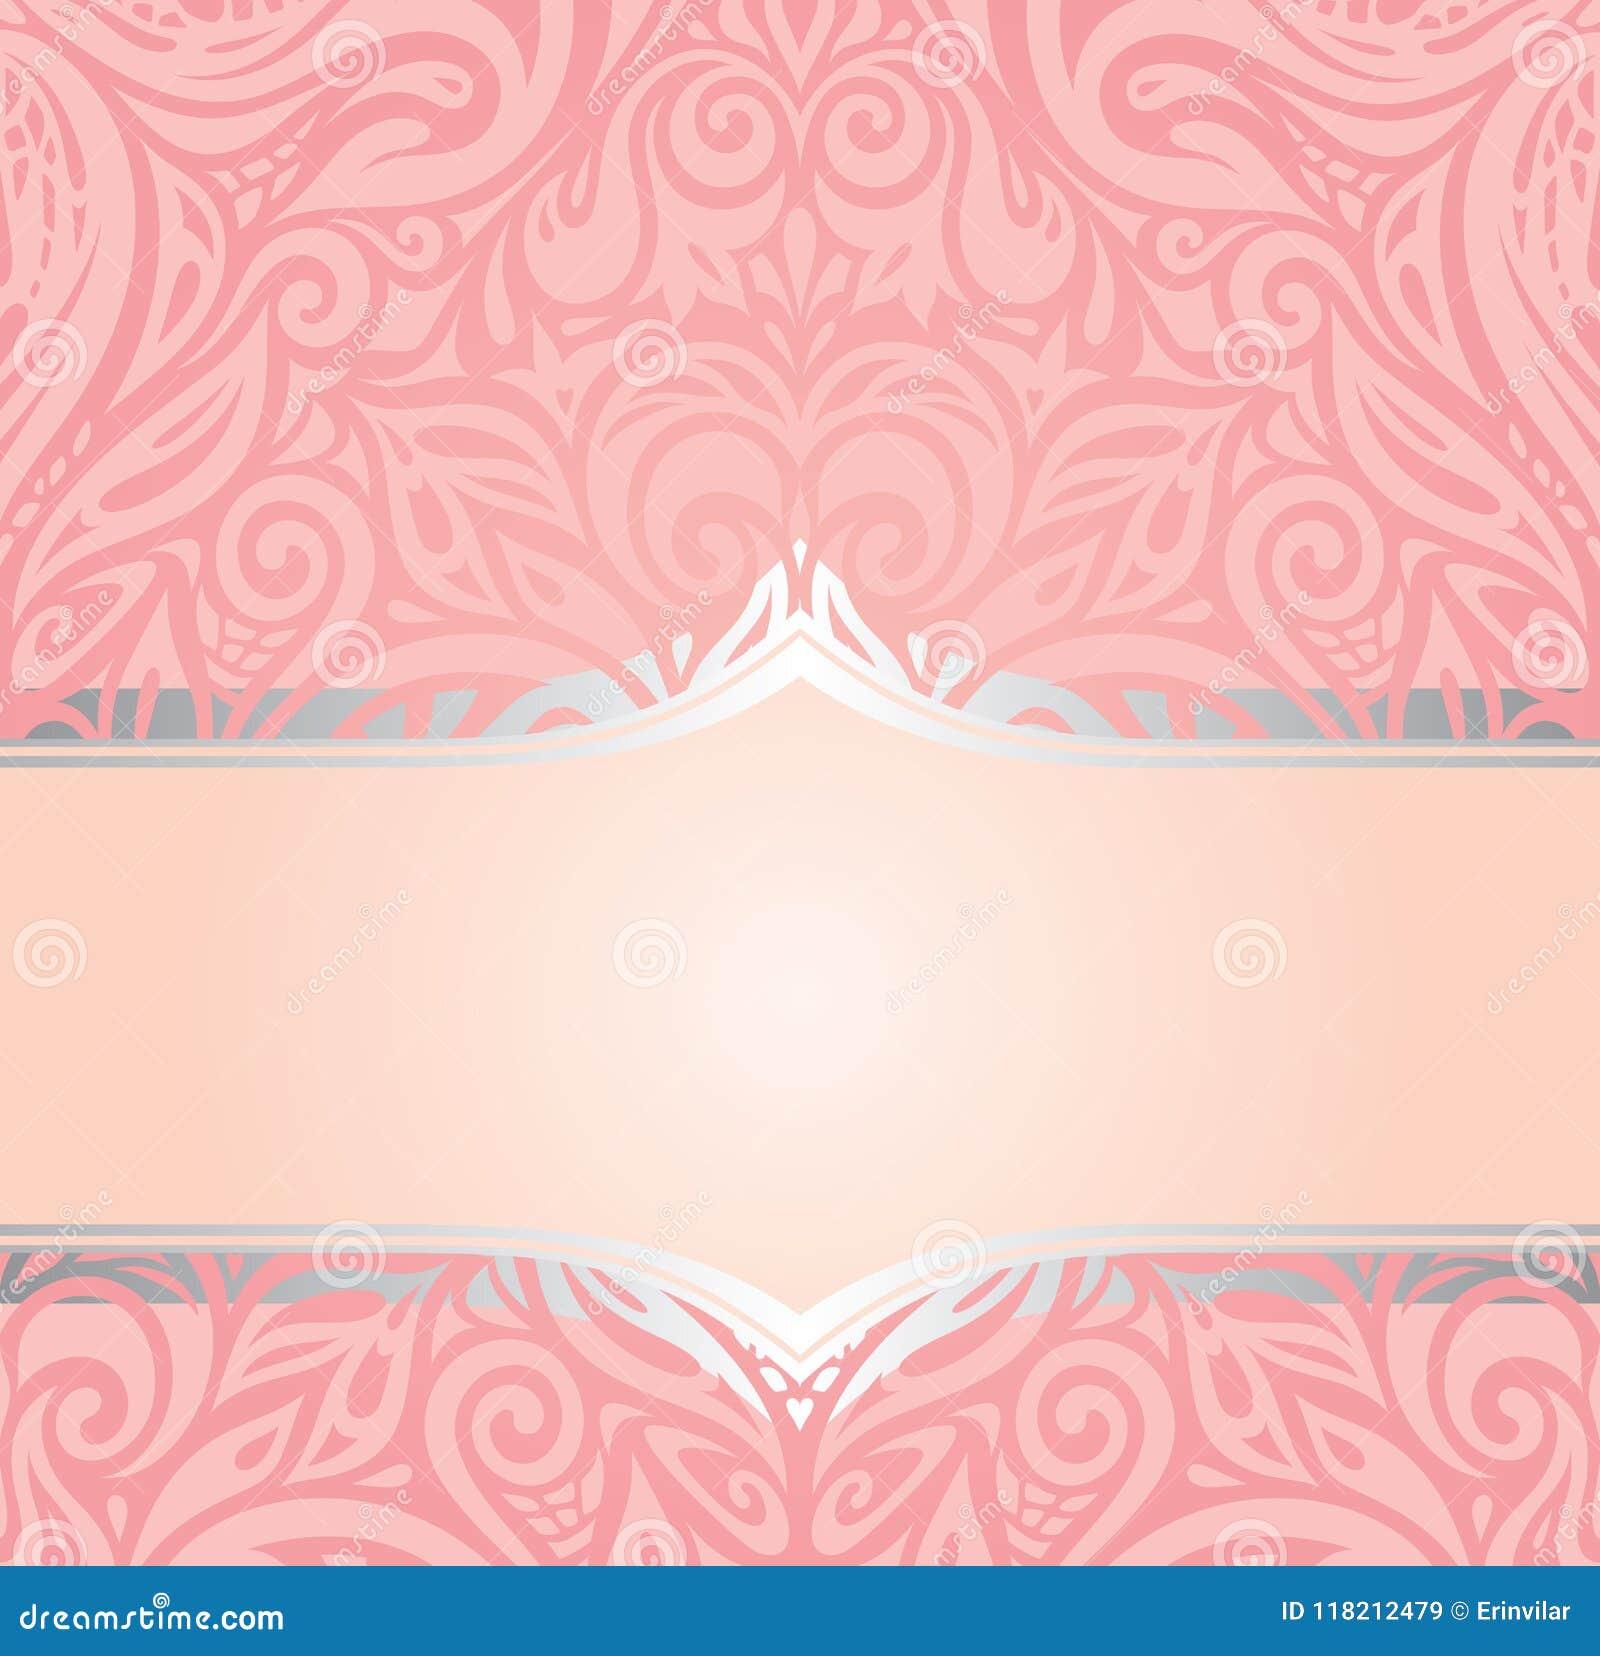 Pink Silver Retro Decorative Invitation Vintage Fashion Wallpaper Design